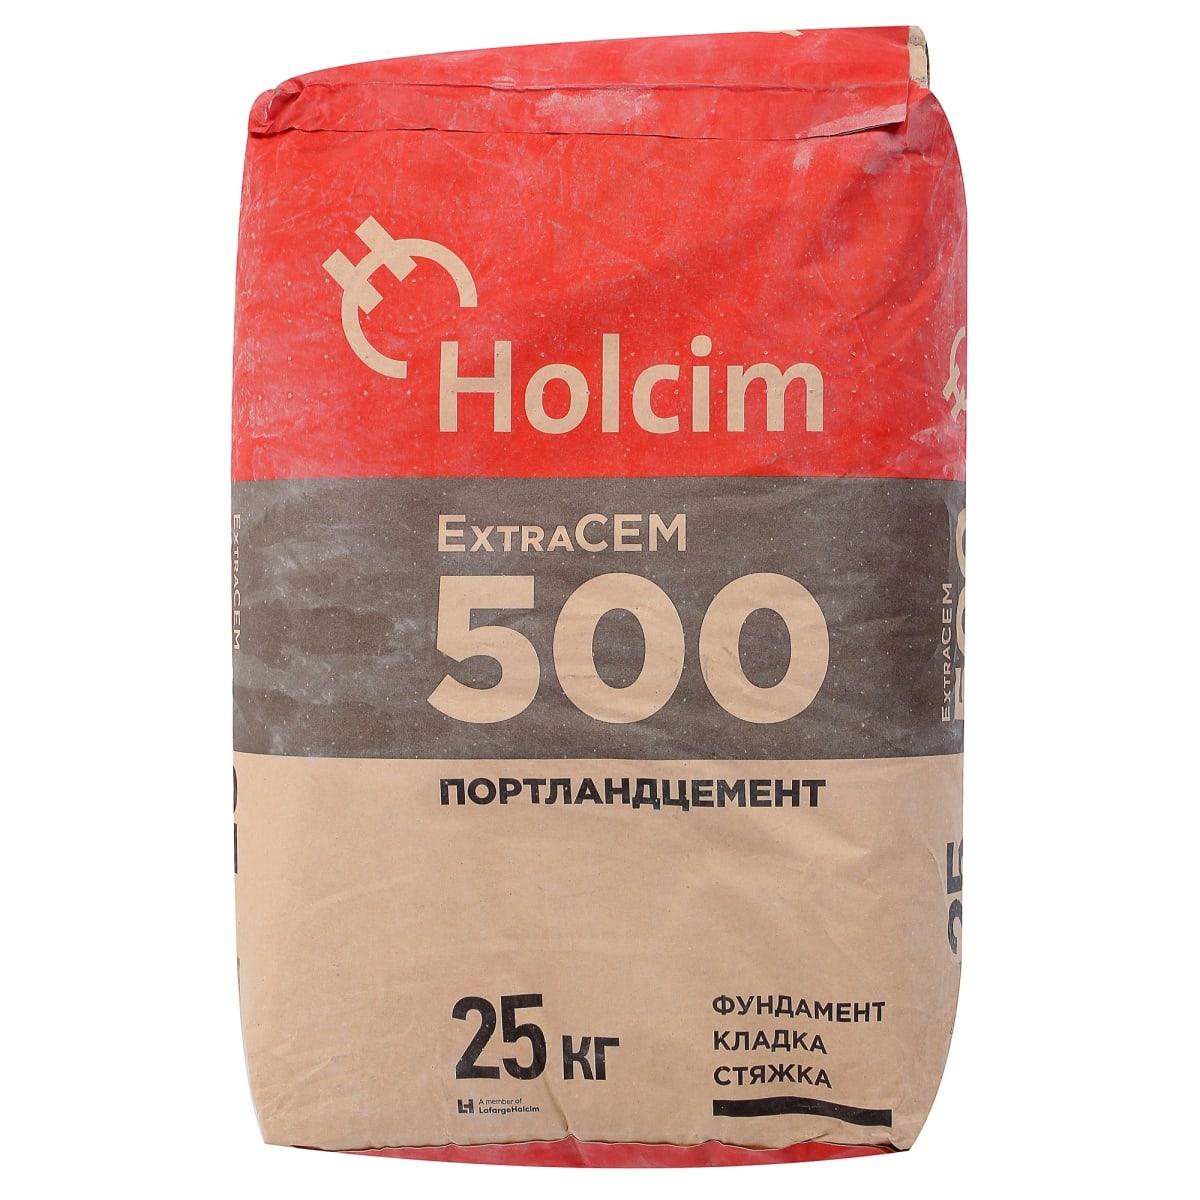 Сколько стоит цемента в москве марки 500 цементный раствор м200 приготовление